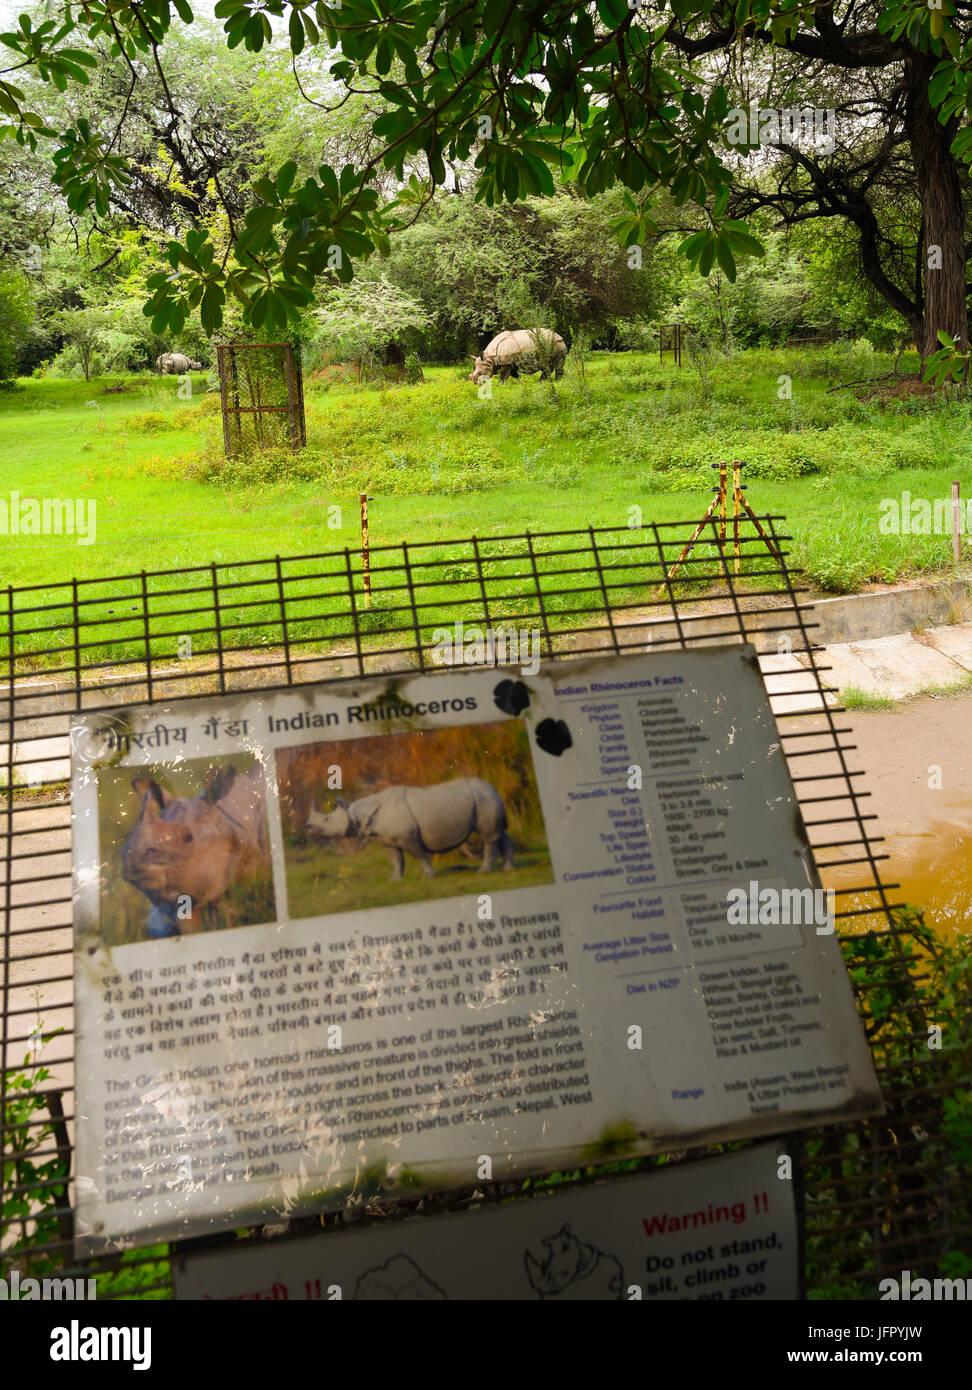 Wild Wandern indischer Rhinoceros in grüner Naturpark oder Wald im Monat Juni 2017 nach Regen mit neuesten Bildinformationen Stockfoto